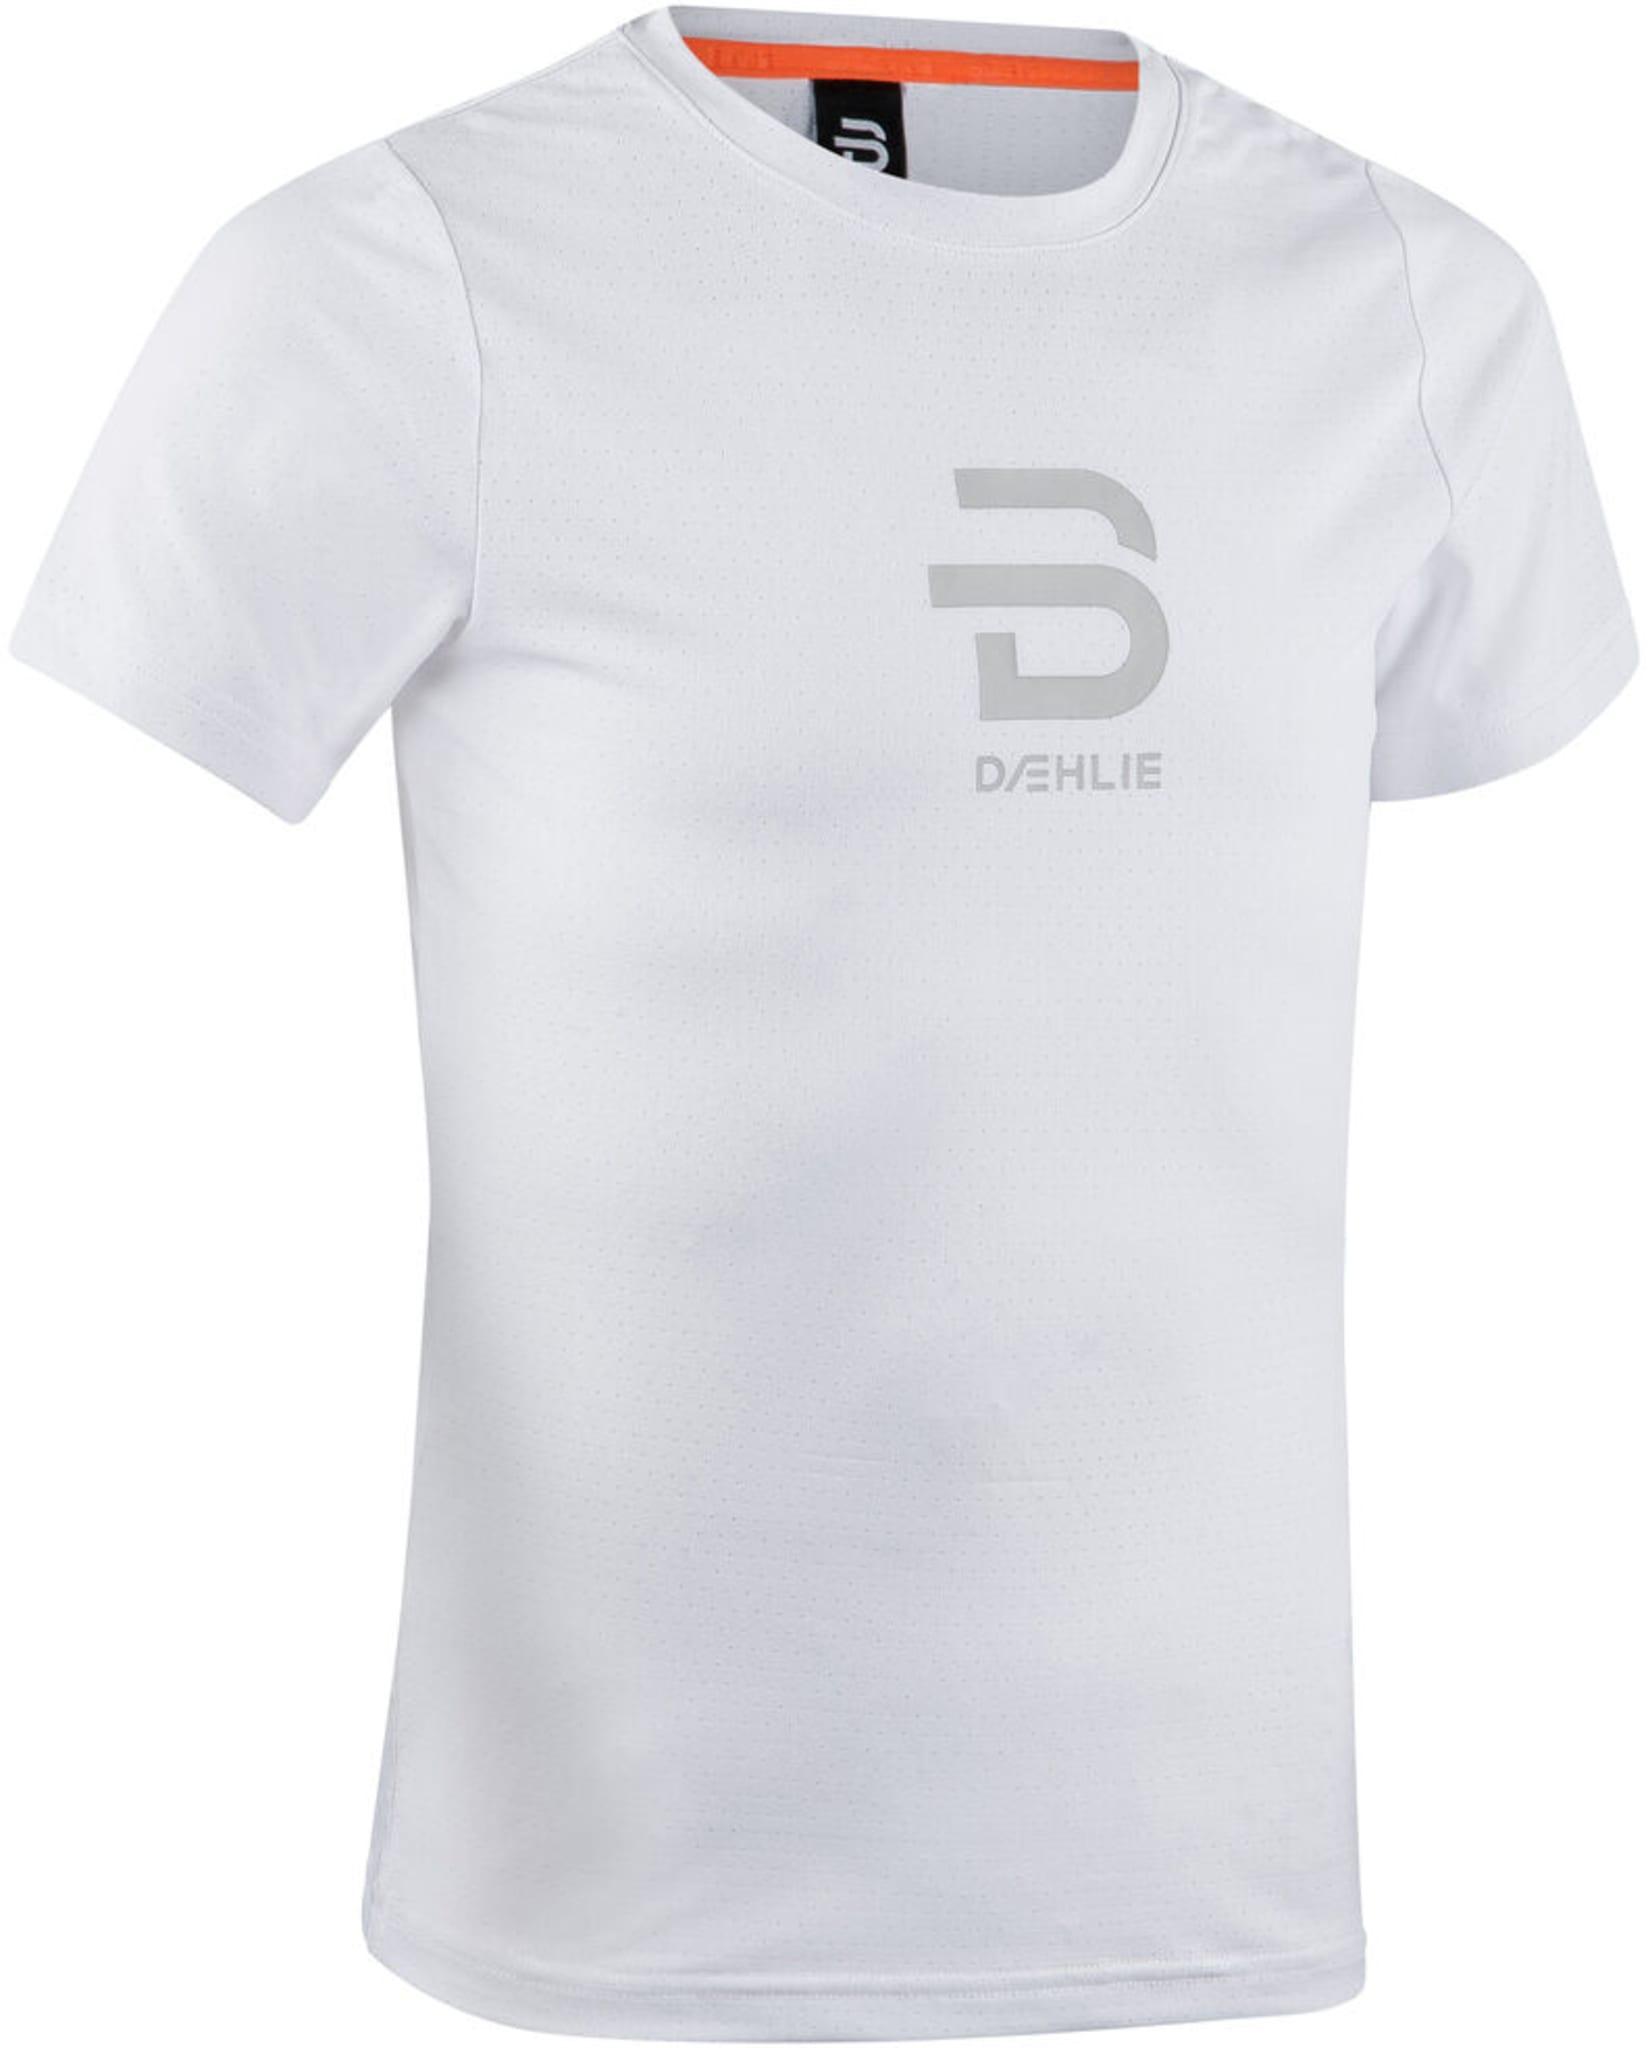 En lettere teknisk t-skjorte til barn ment for trening. Den ventilerer veldig godt gjenneom ørsmå hull i stoffet